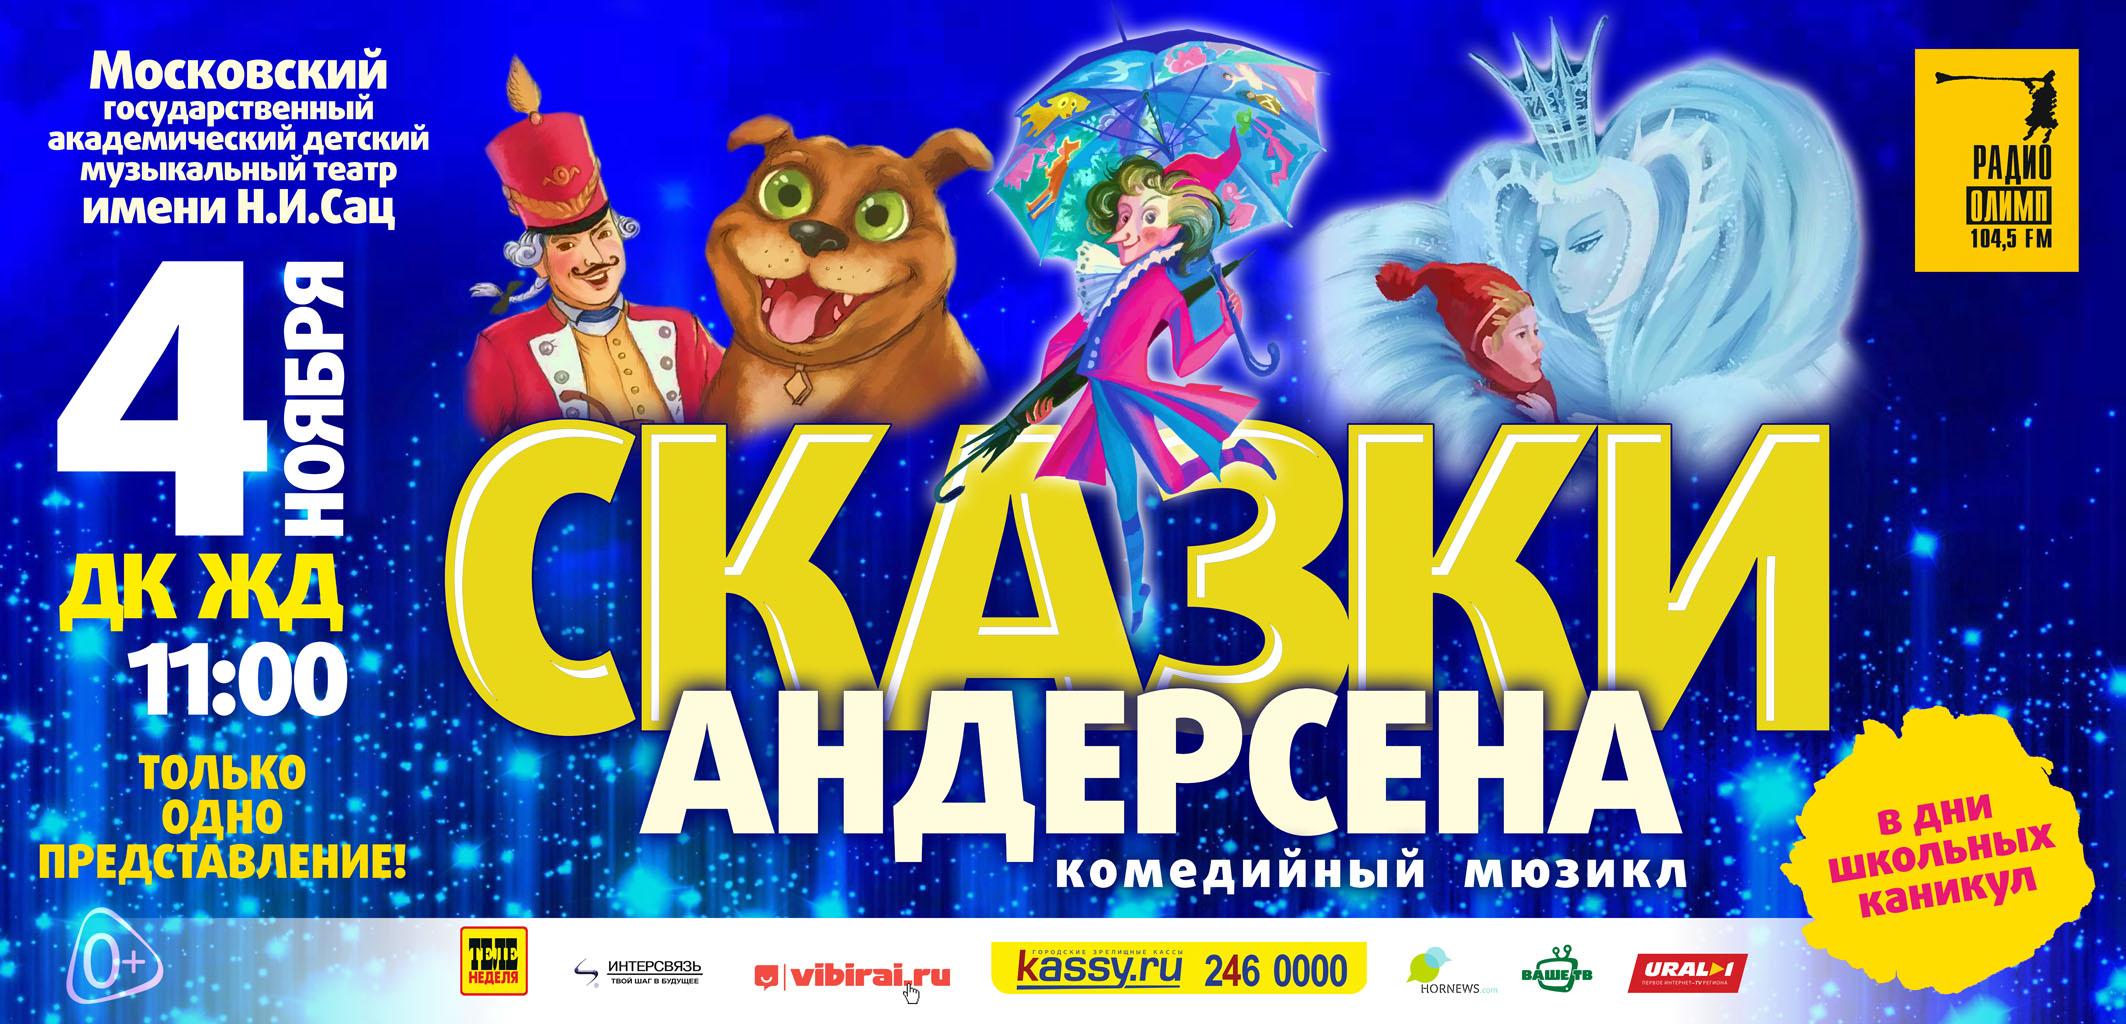 В Челябинске в дни осенних школьных каникул, 4 ноября, Московский детский музыкальный театр имени